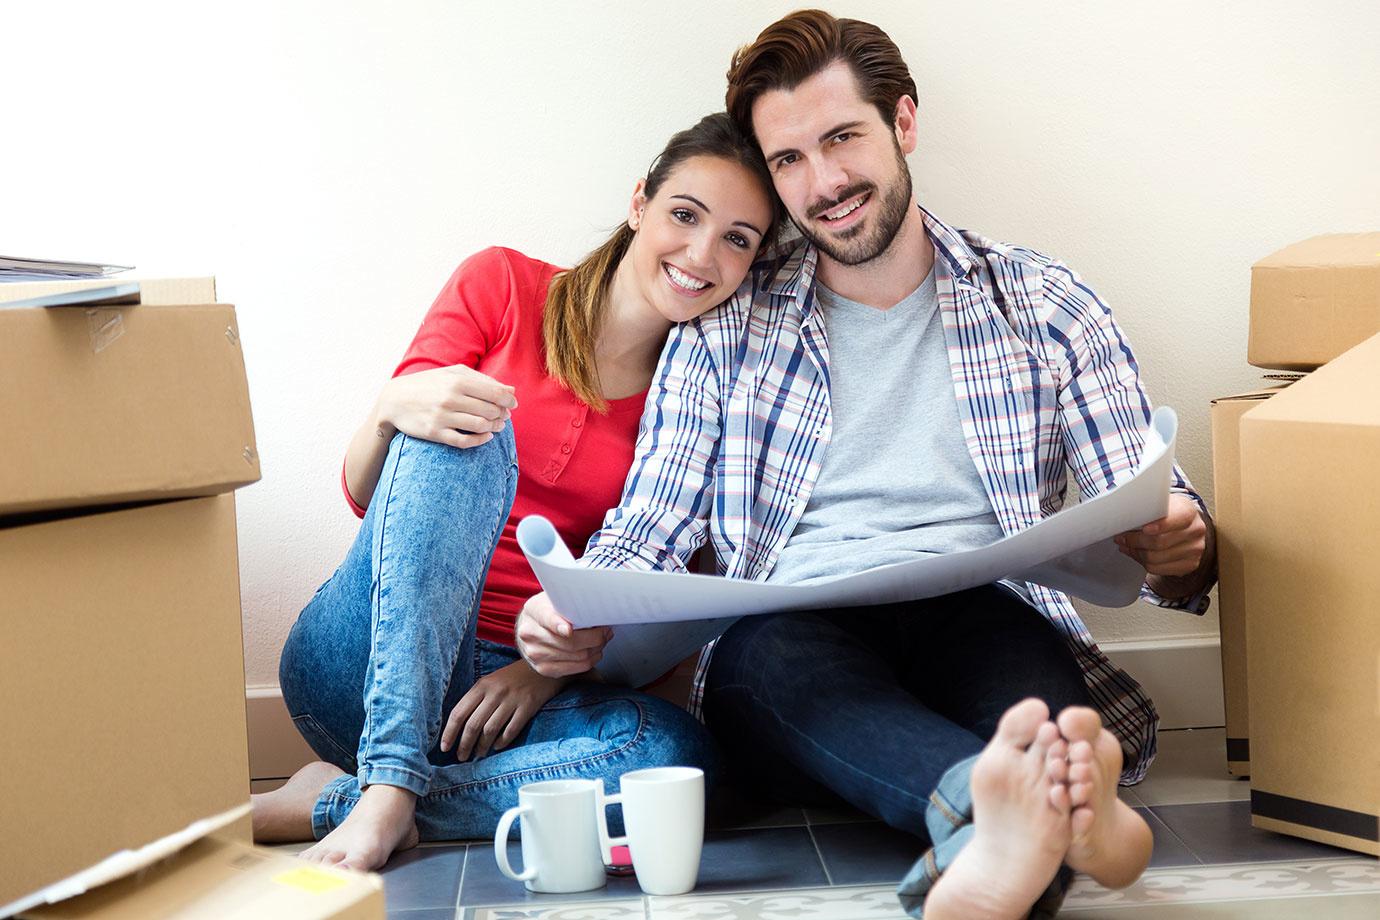 祝一人暮らし卒業!理想的な同棲生活を送るための6個のポイント、準備を整えていざラブラブ生活へ!